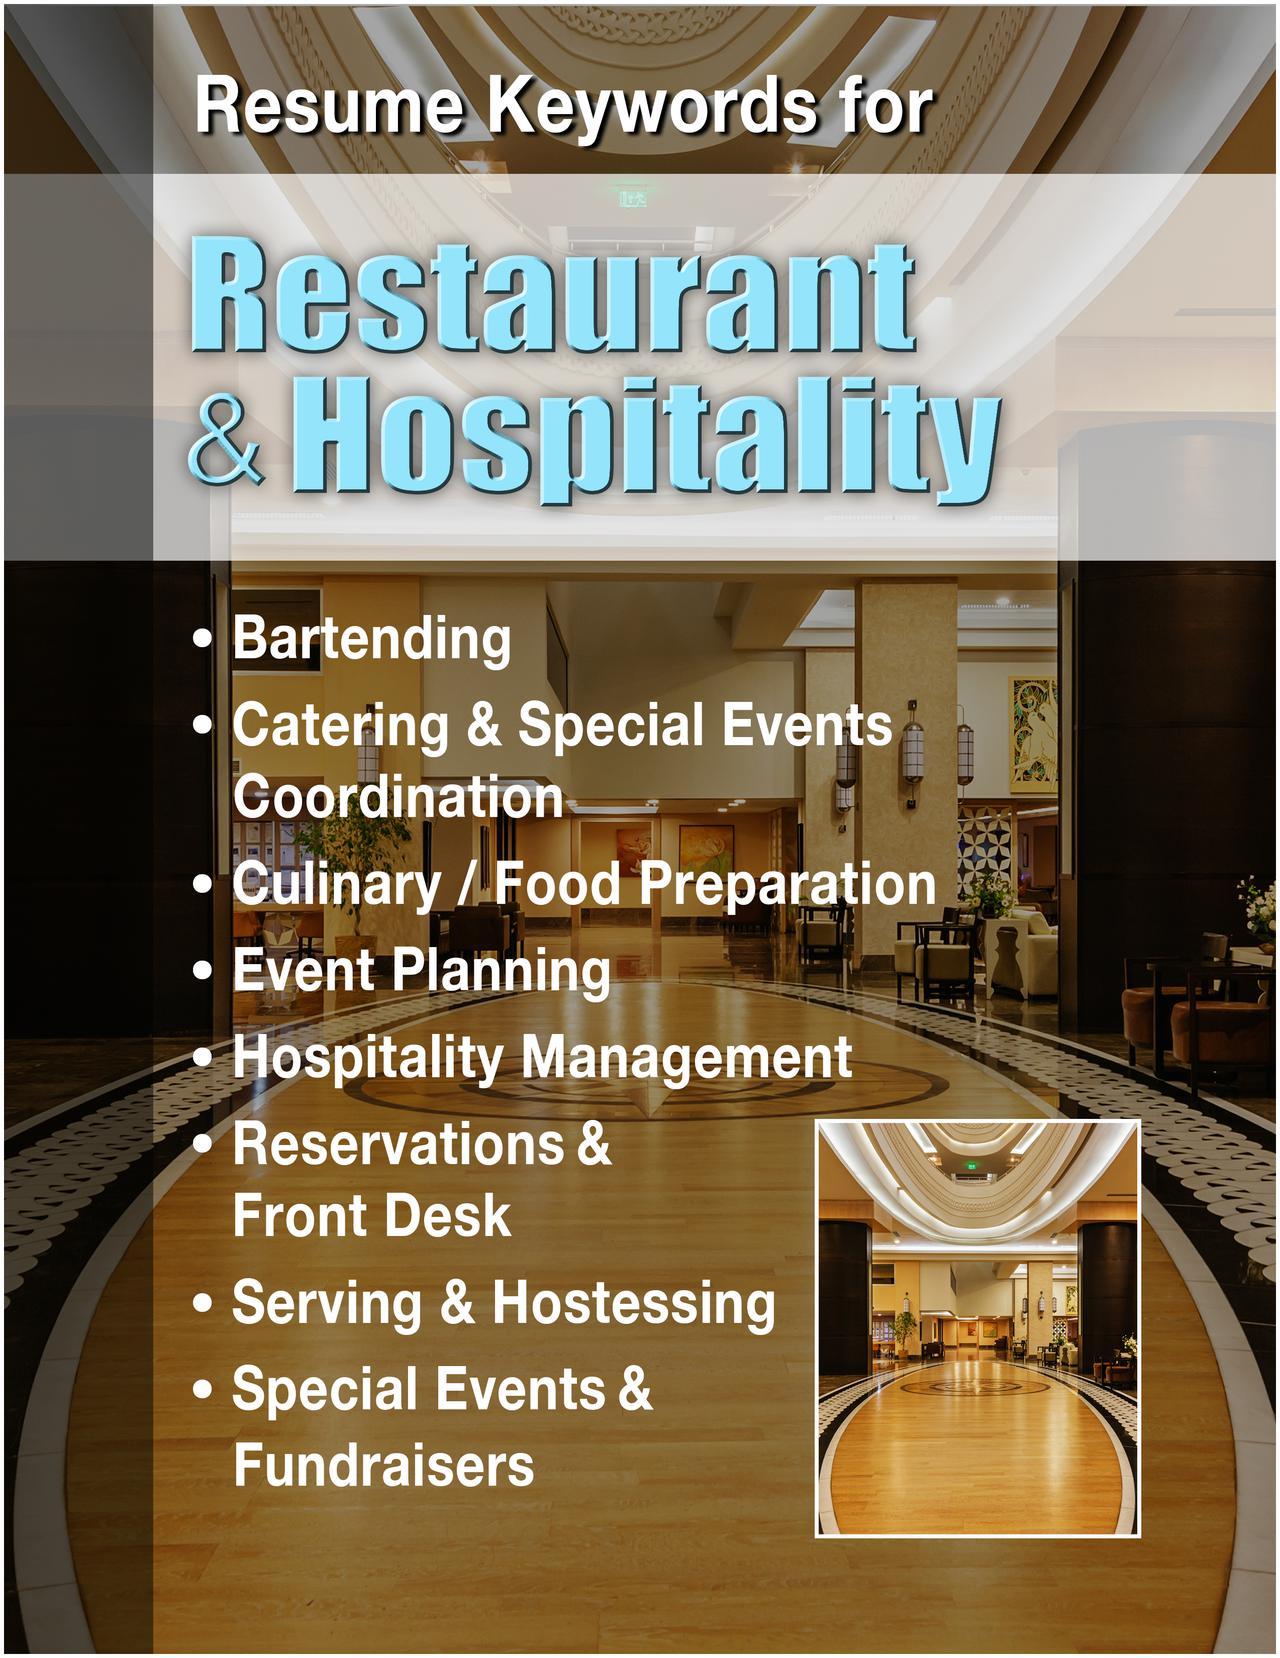 restaurant & hospitality divider.jpg